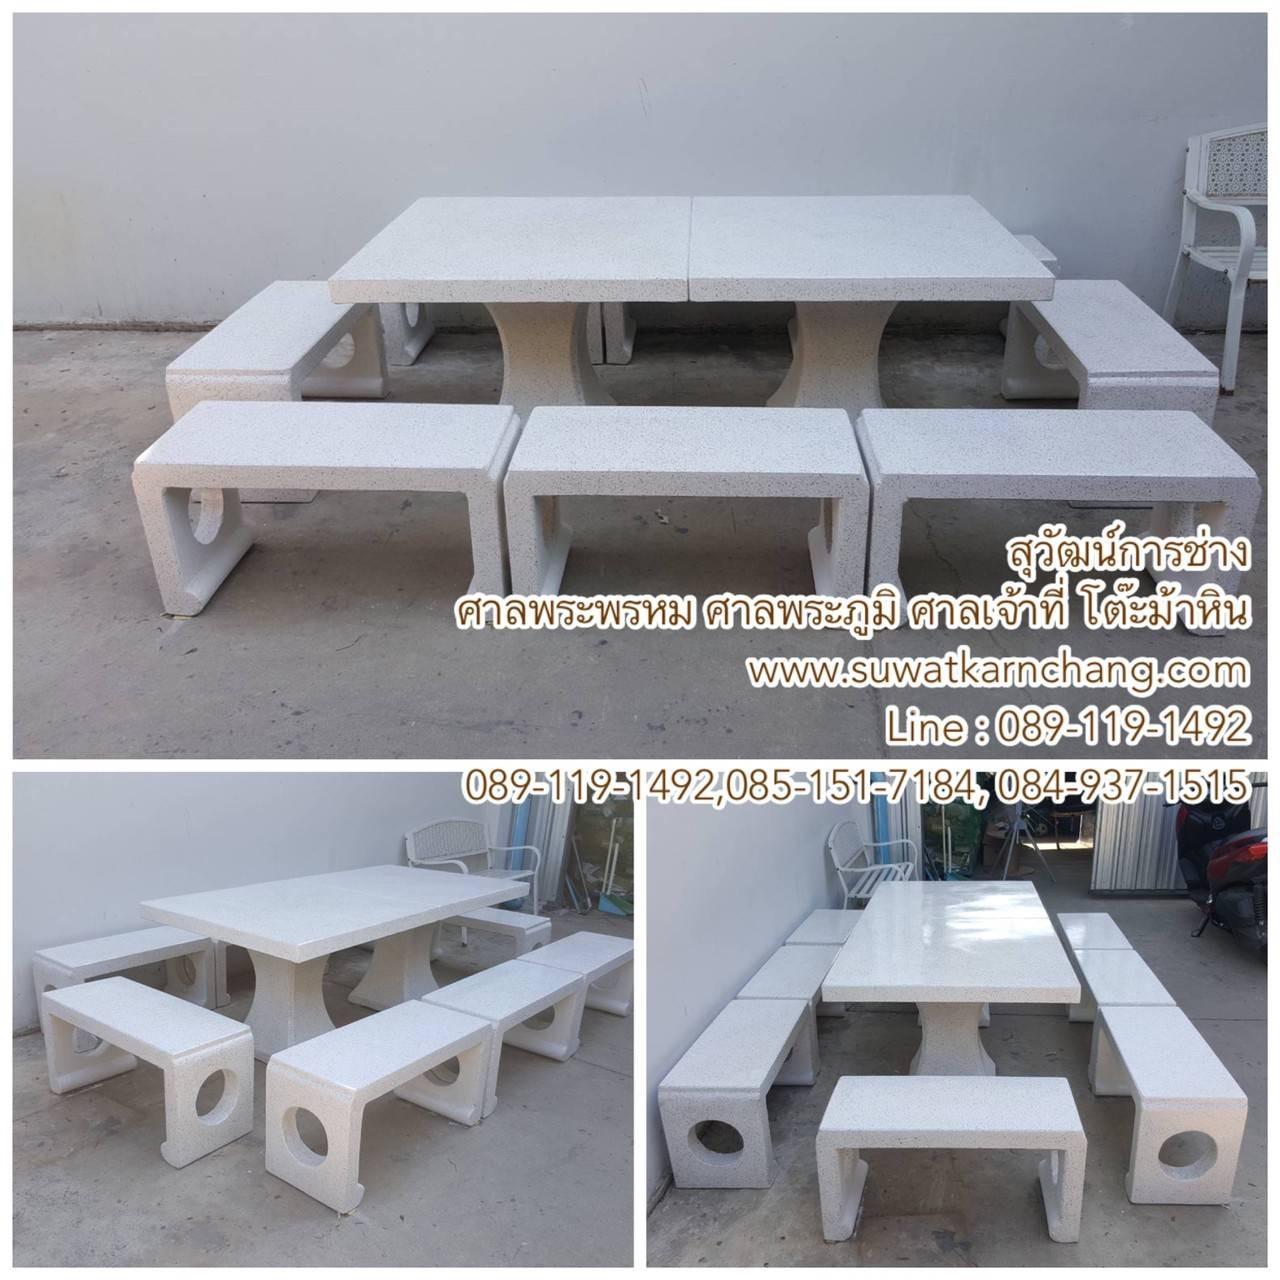 โต๊ะญี่ปุ่นหินขัดล้วน ๆ ต่อกัน 2 ชุด หน้า 90*180 ซม.  สุวัฒน์การช่าง